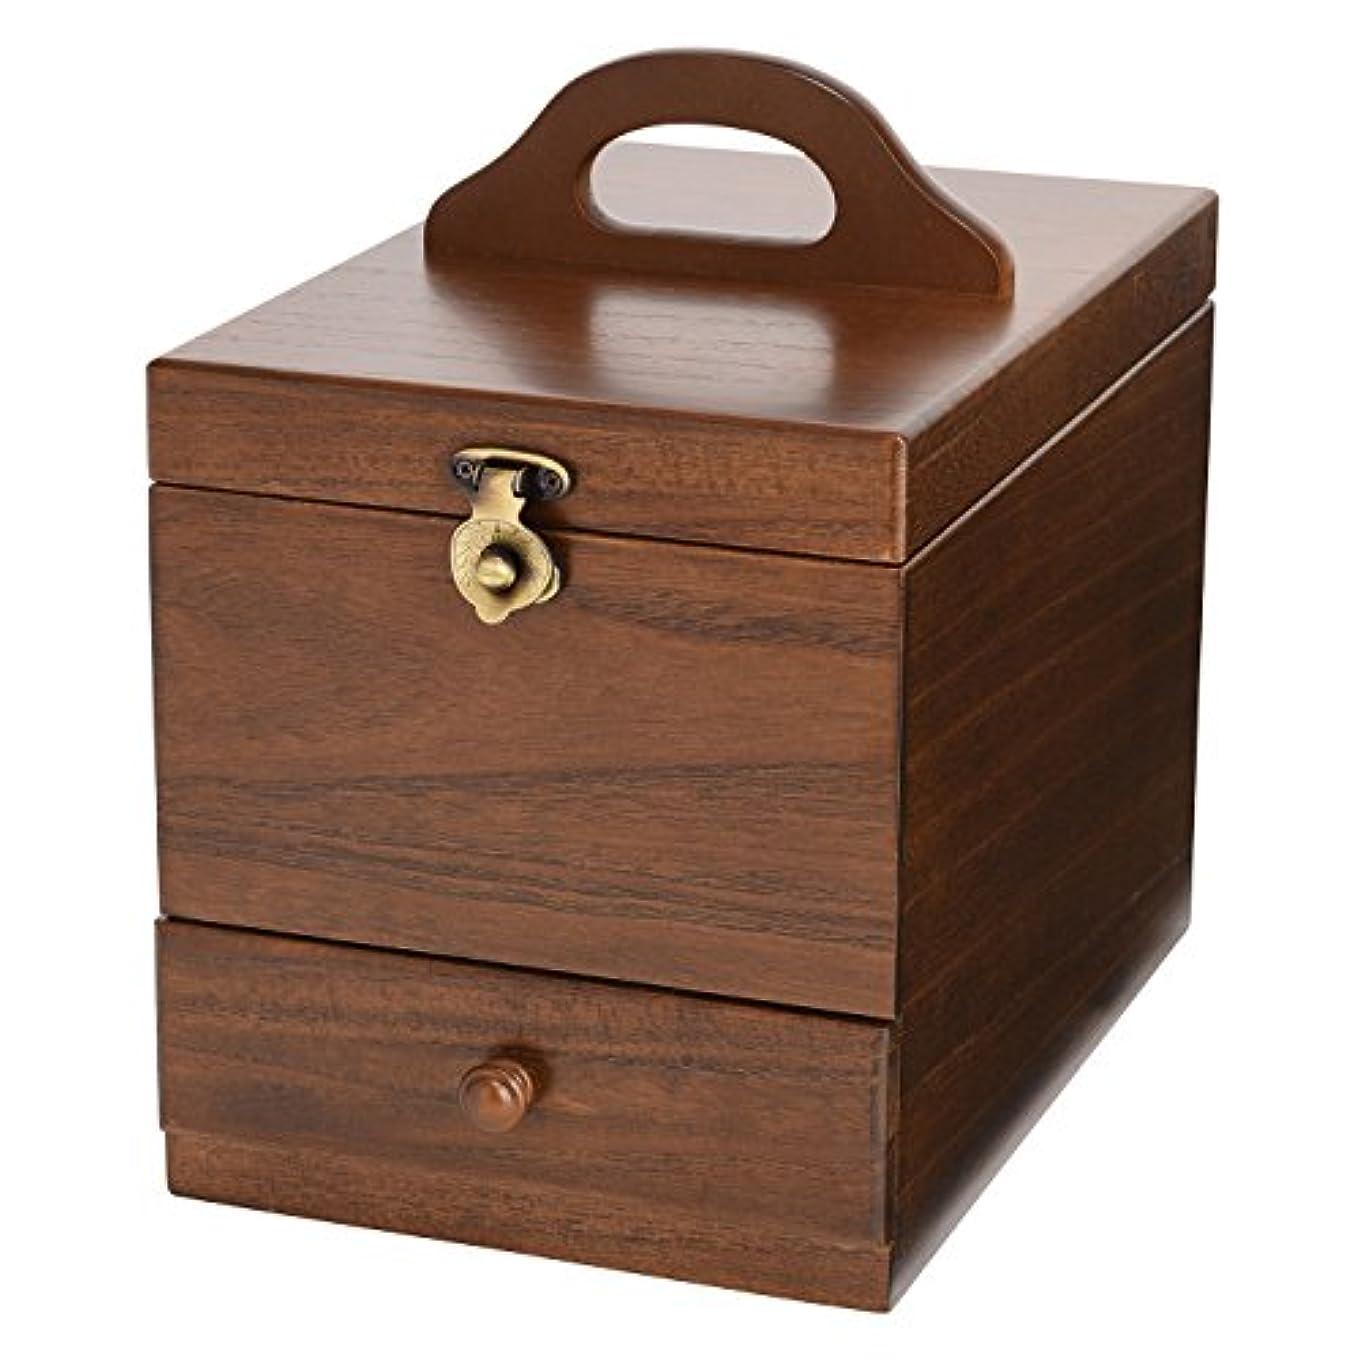 賄賂味邪悪なコスメボックス 日本製 静岡の熟練の木工職人の手作り 017-513